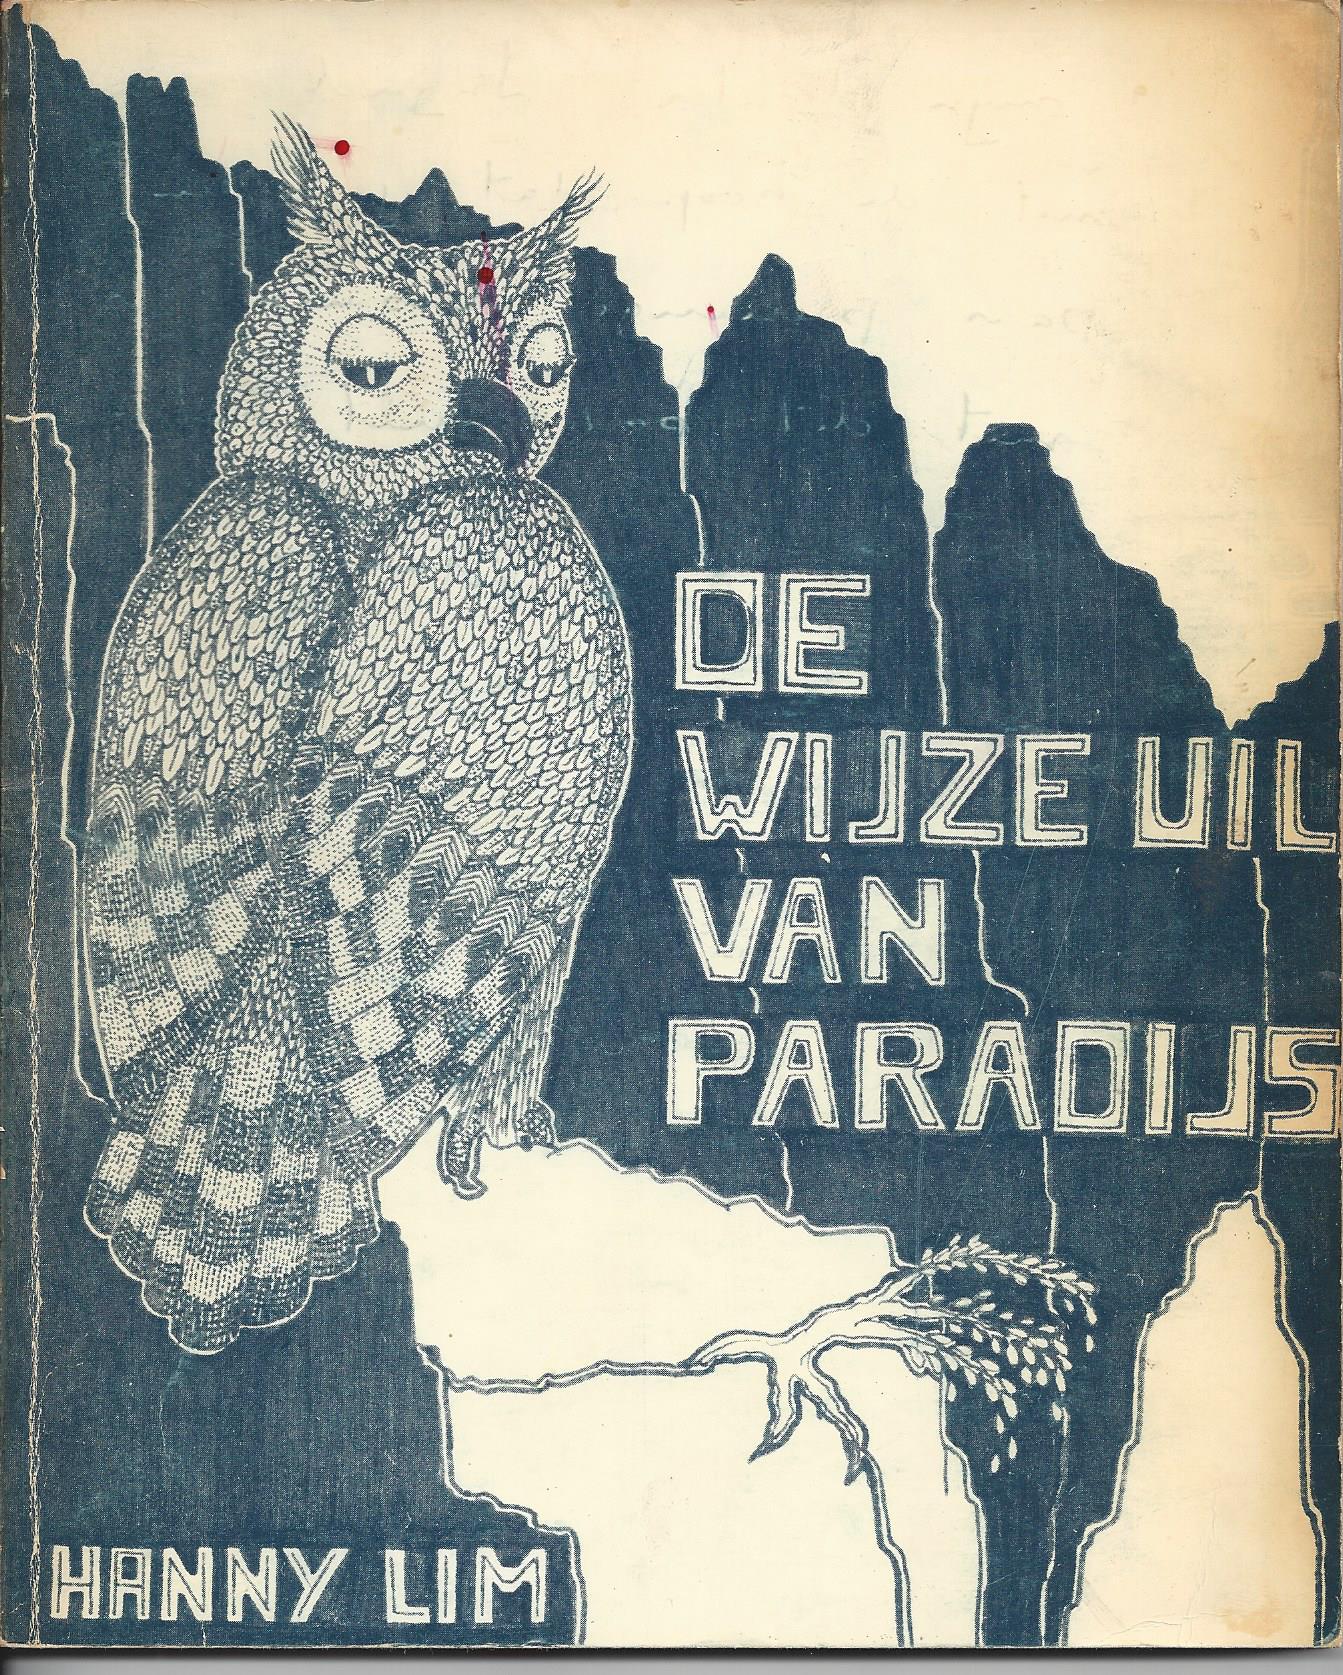 1976-De-wijze-uil-van-Paradijs.jpg